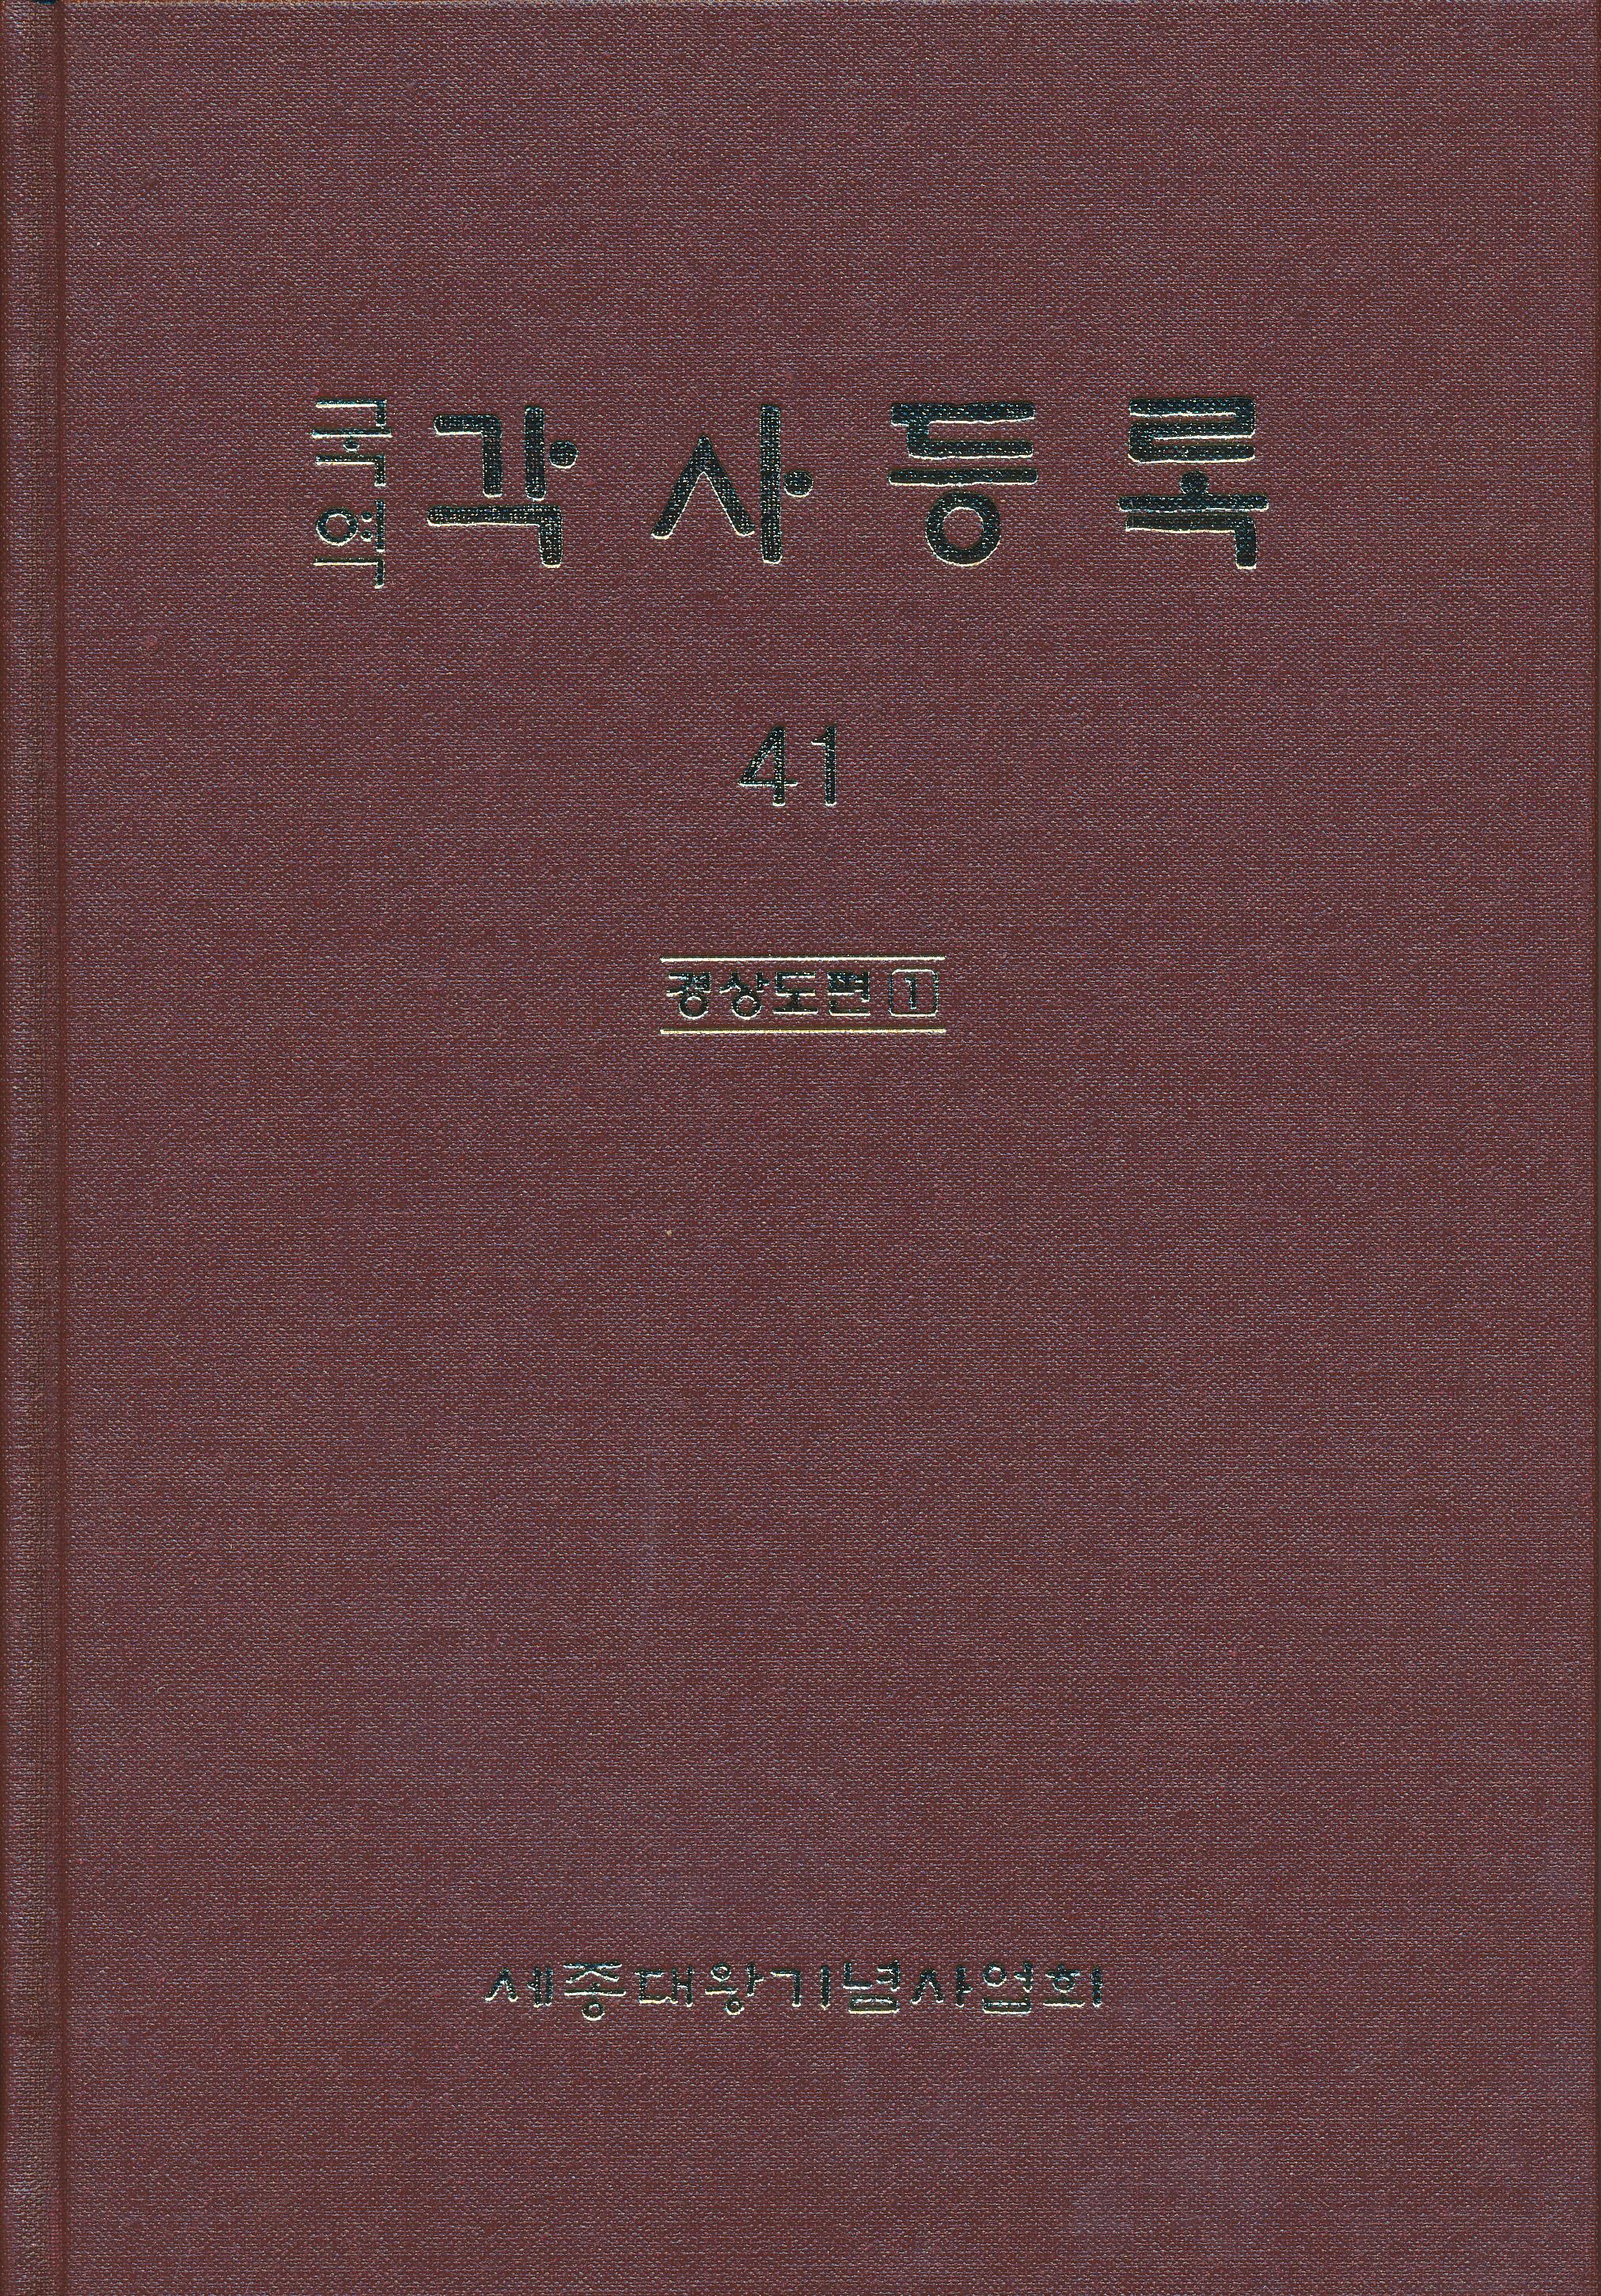 각사등록 41(경상도편 01)